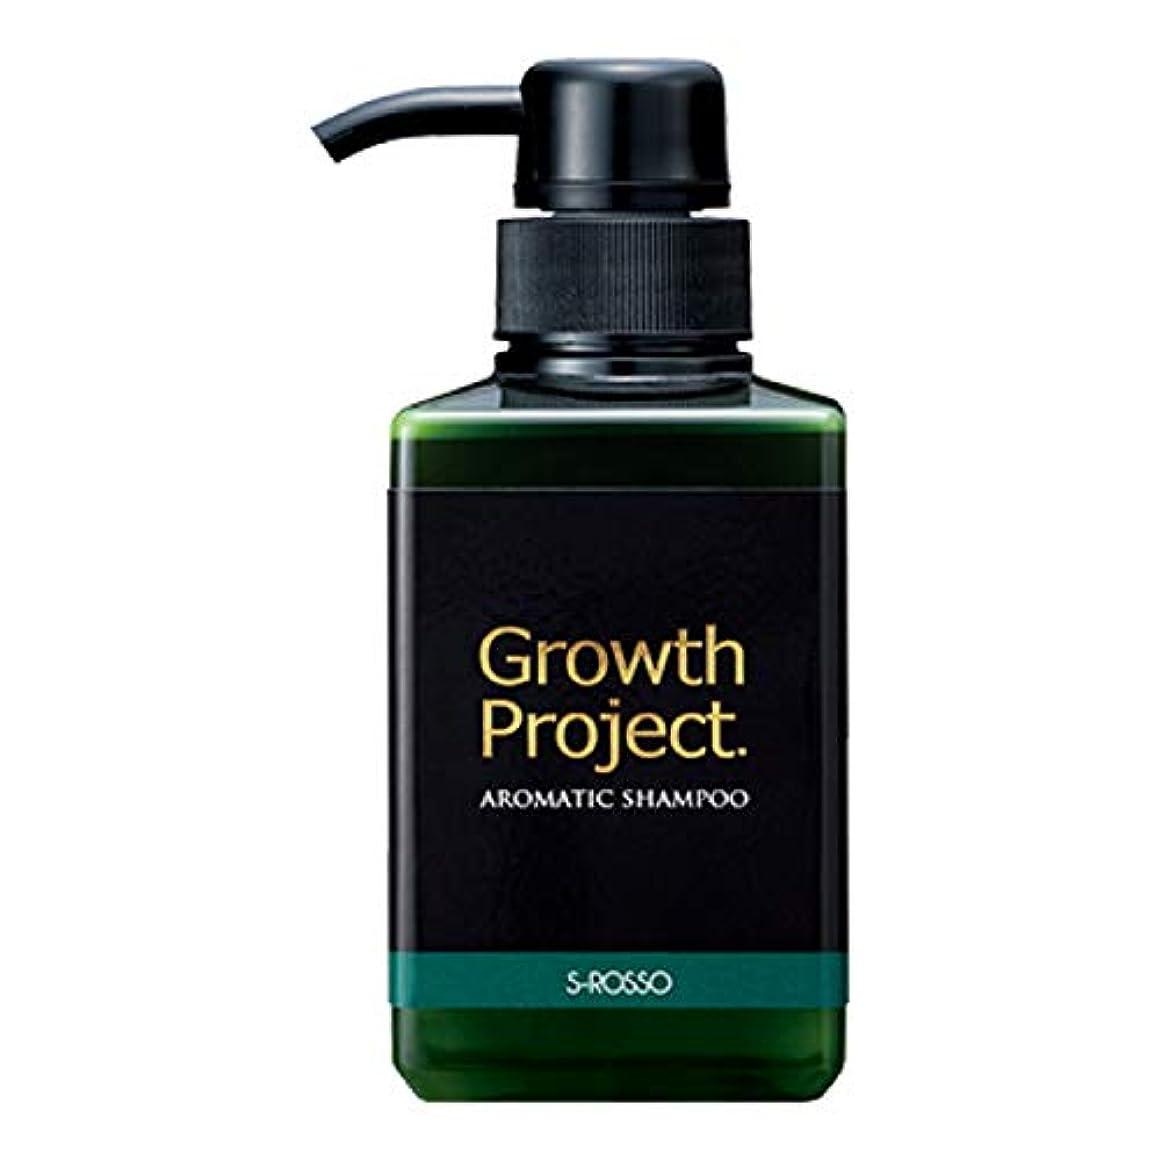 円形履歴書卒業Growth Project. アロマシャンプー 300ml